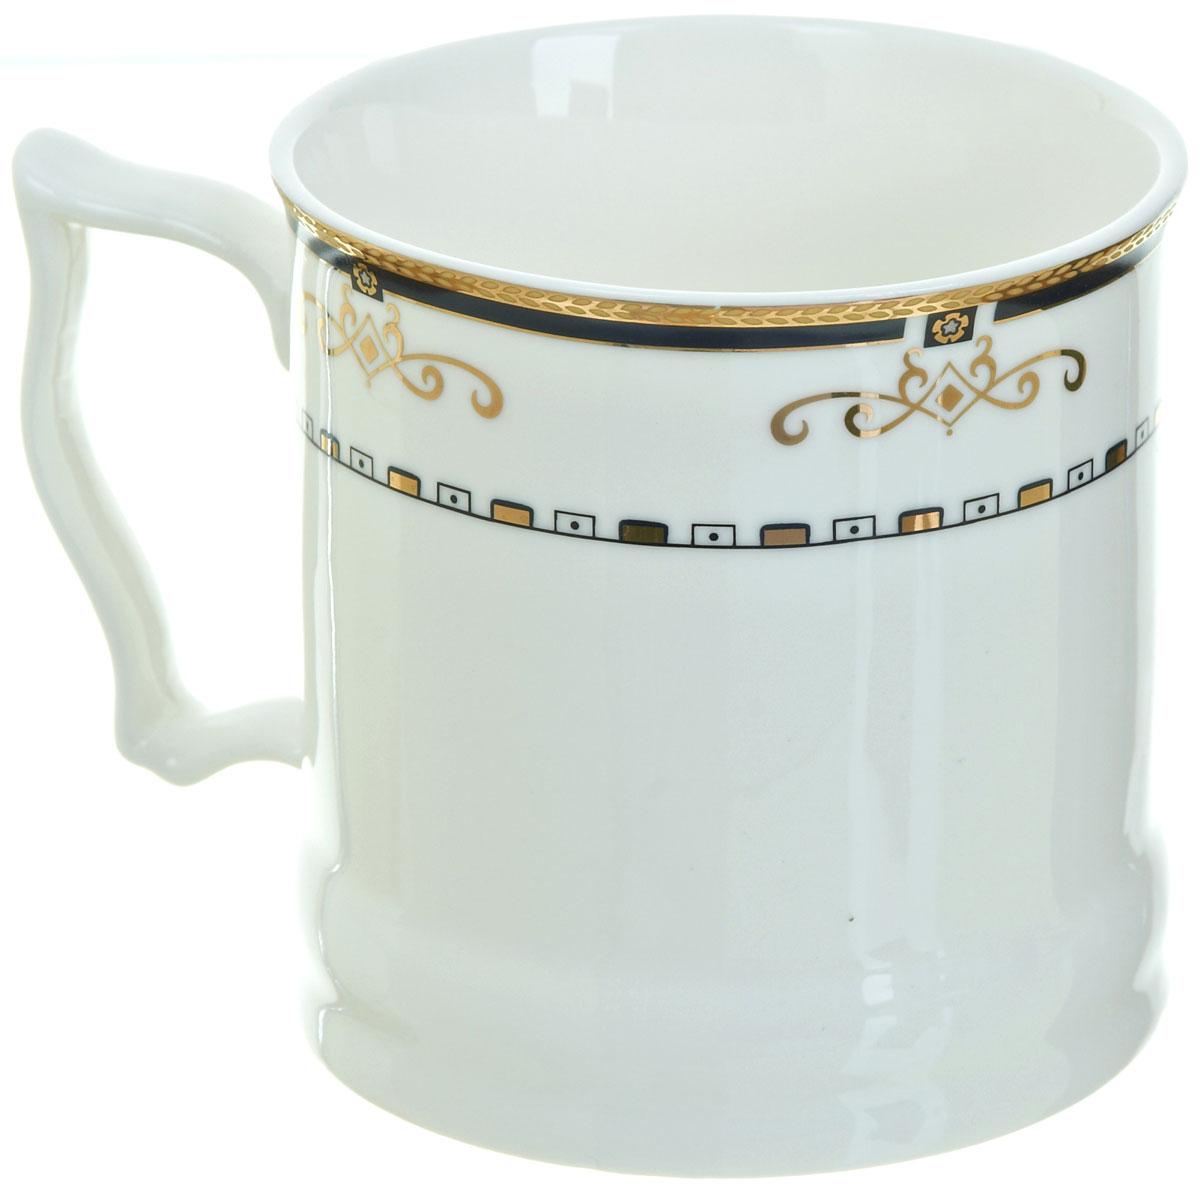 Кружка BHP Королевская кружка, 500 мл. M1870005115510Оригинальная кружка Best Home Porcelain, выполненная из высококачественного фарфора, сочетает в себе простой, утонченный дизайн с максимальной функциональностью. Можно использовать в посудомоечной машине.